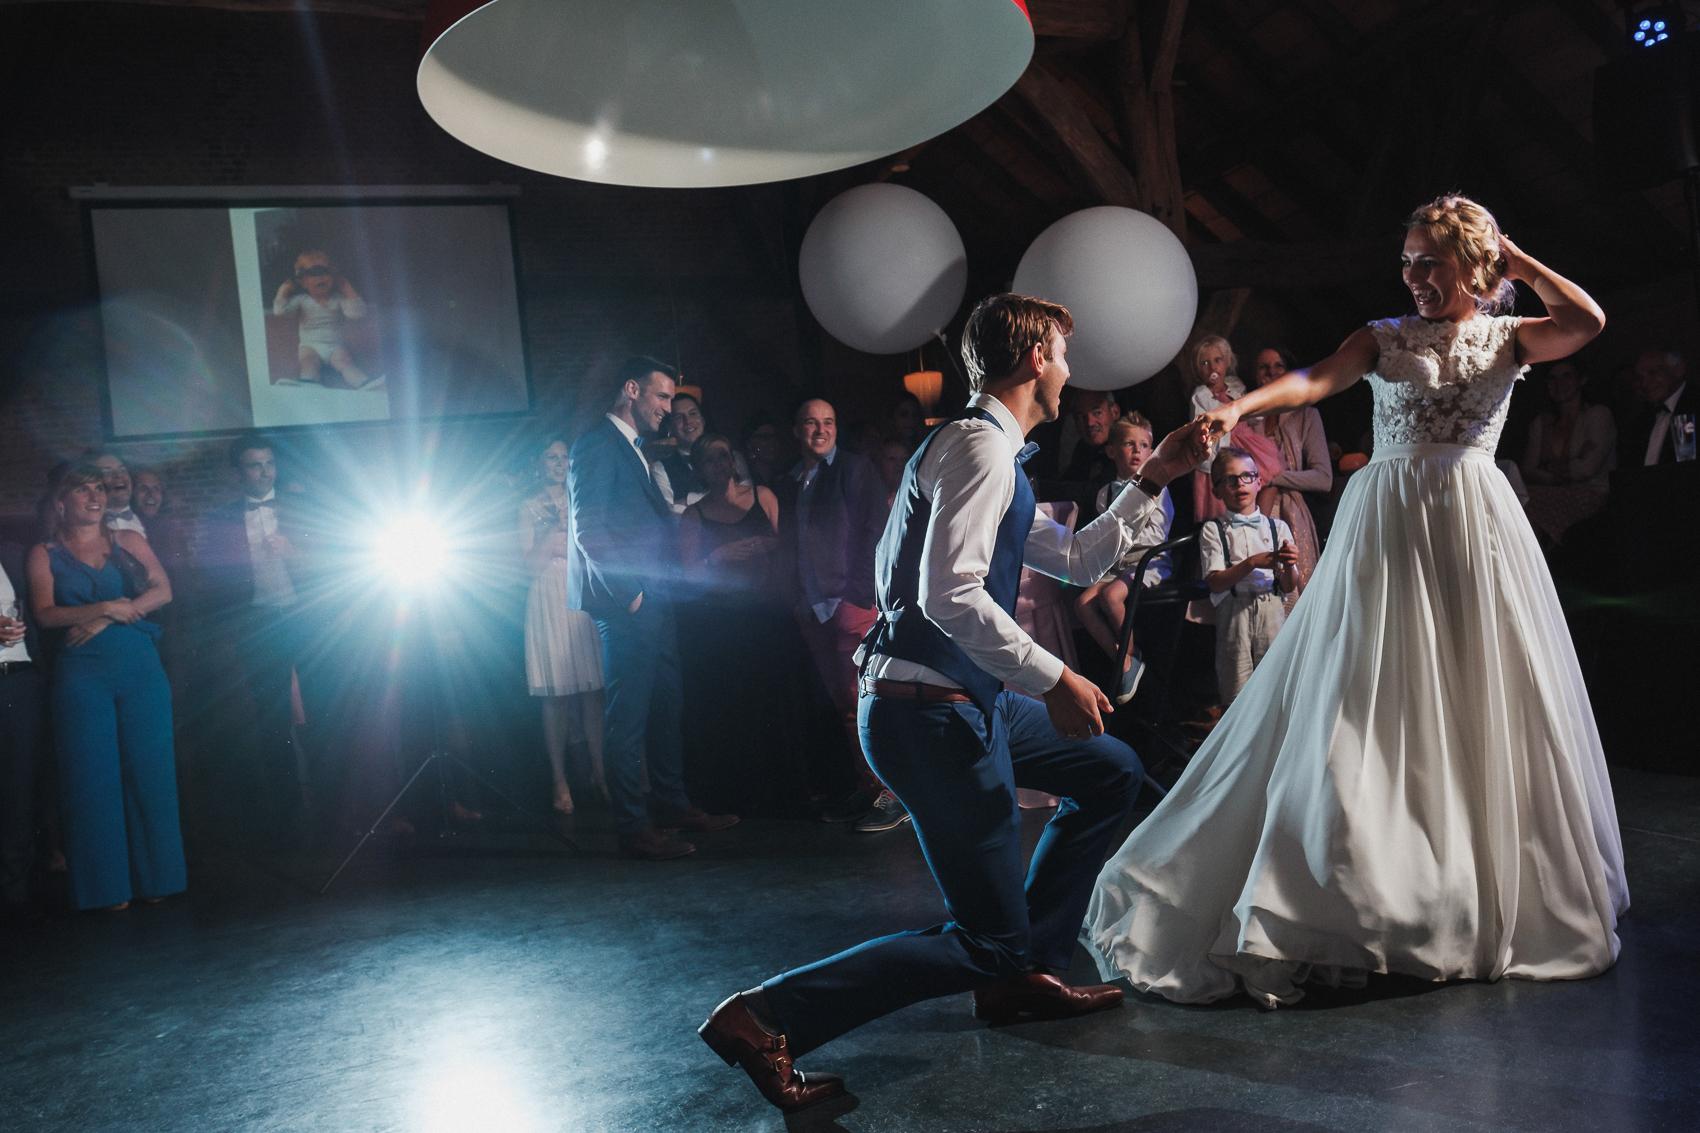 iso800 - fotograaf huwelijk ruth michiel -42.jpg